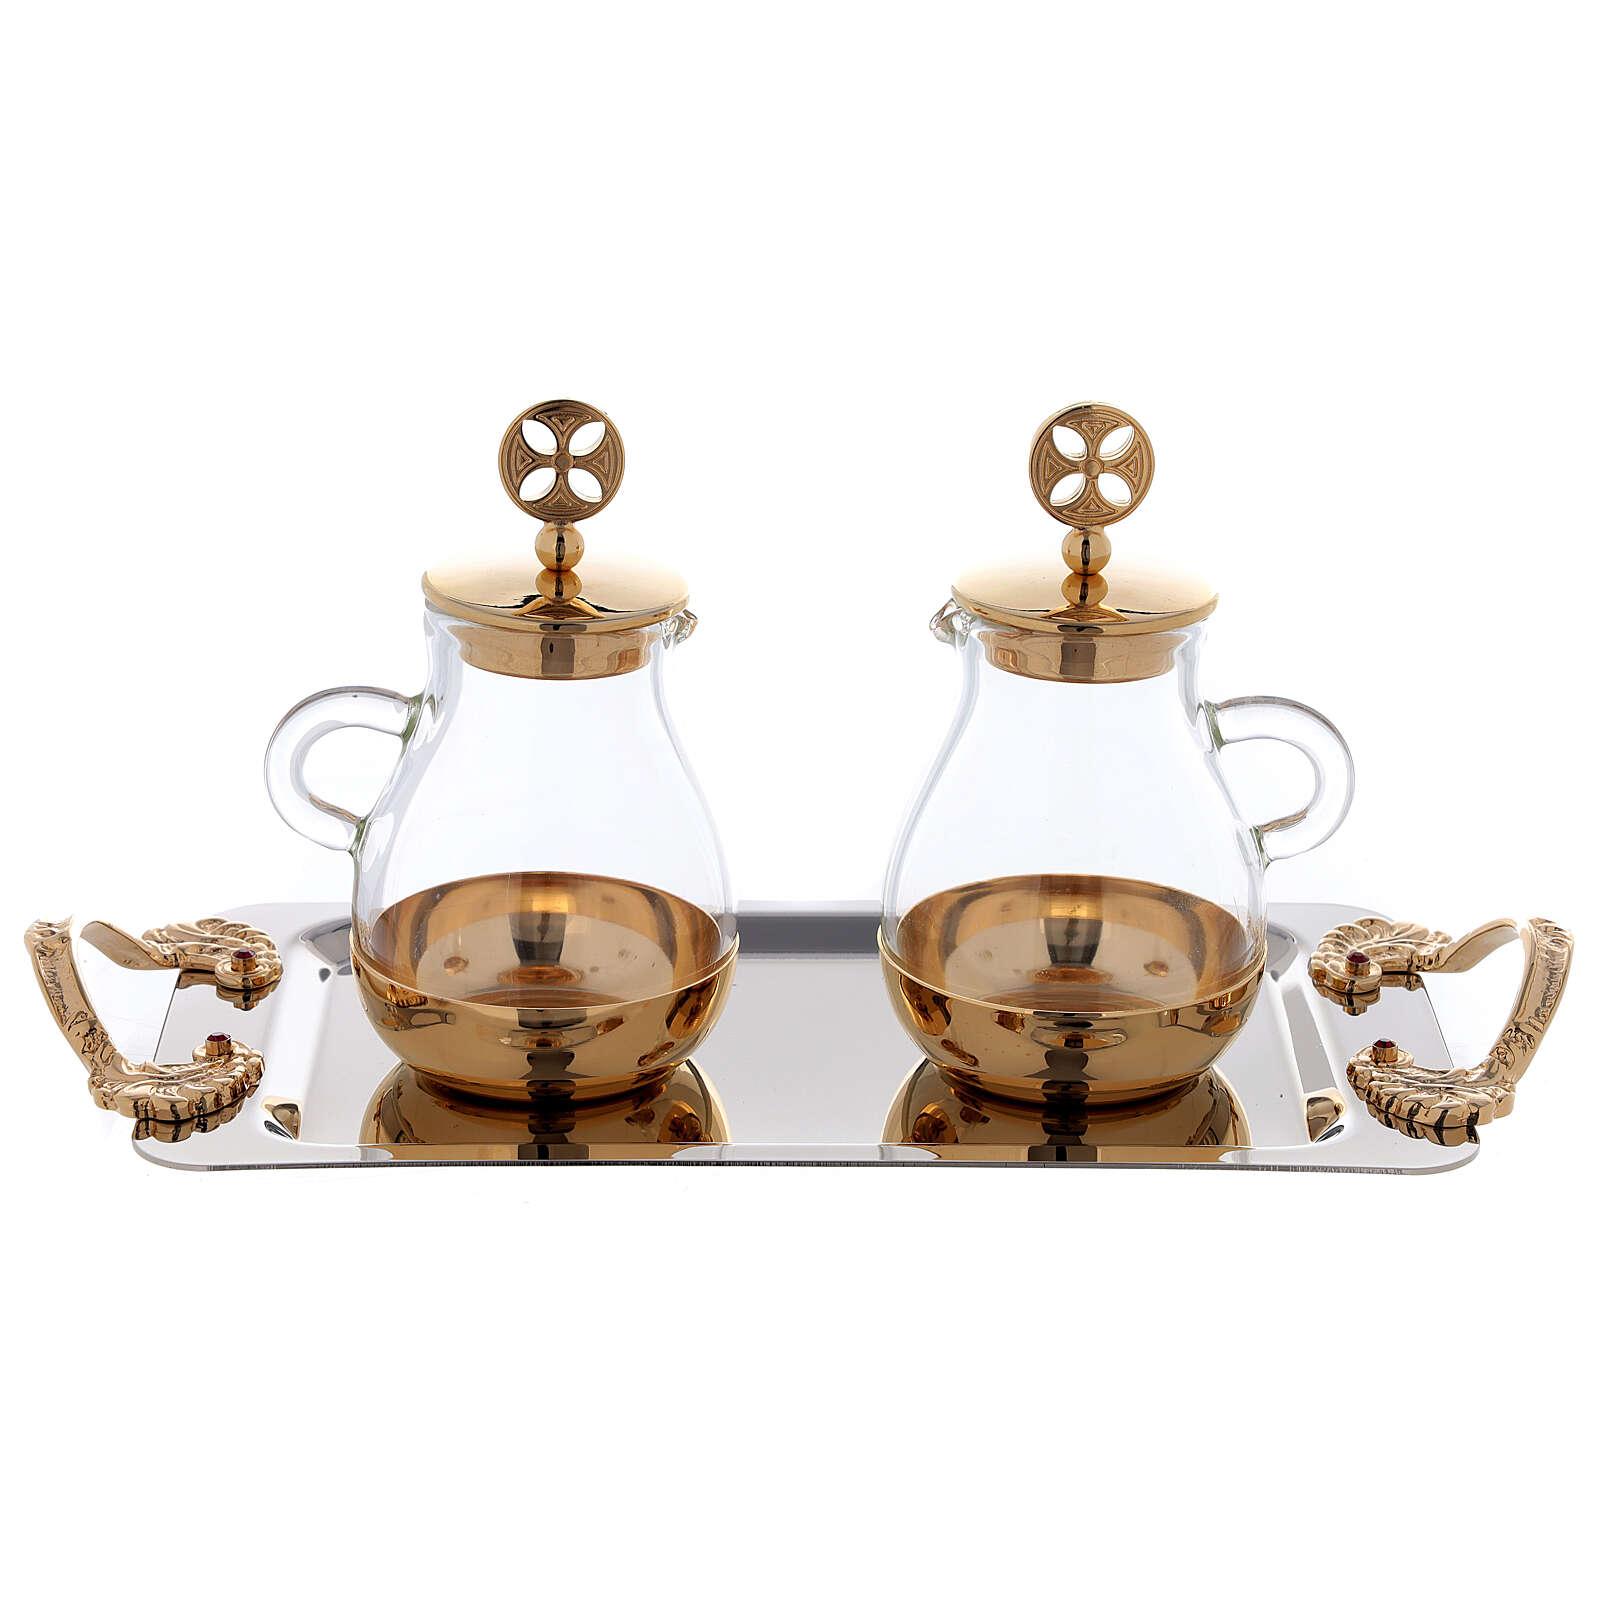 Servicio agua y vino latón dorado modelo Bolonia 4